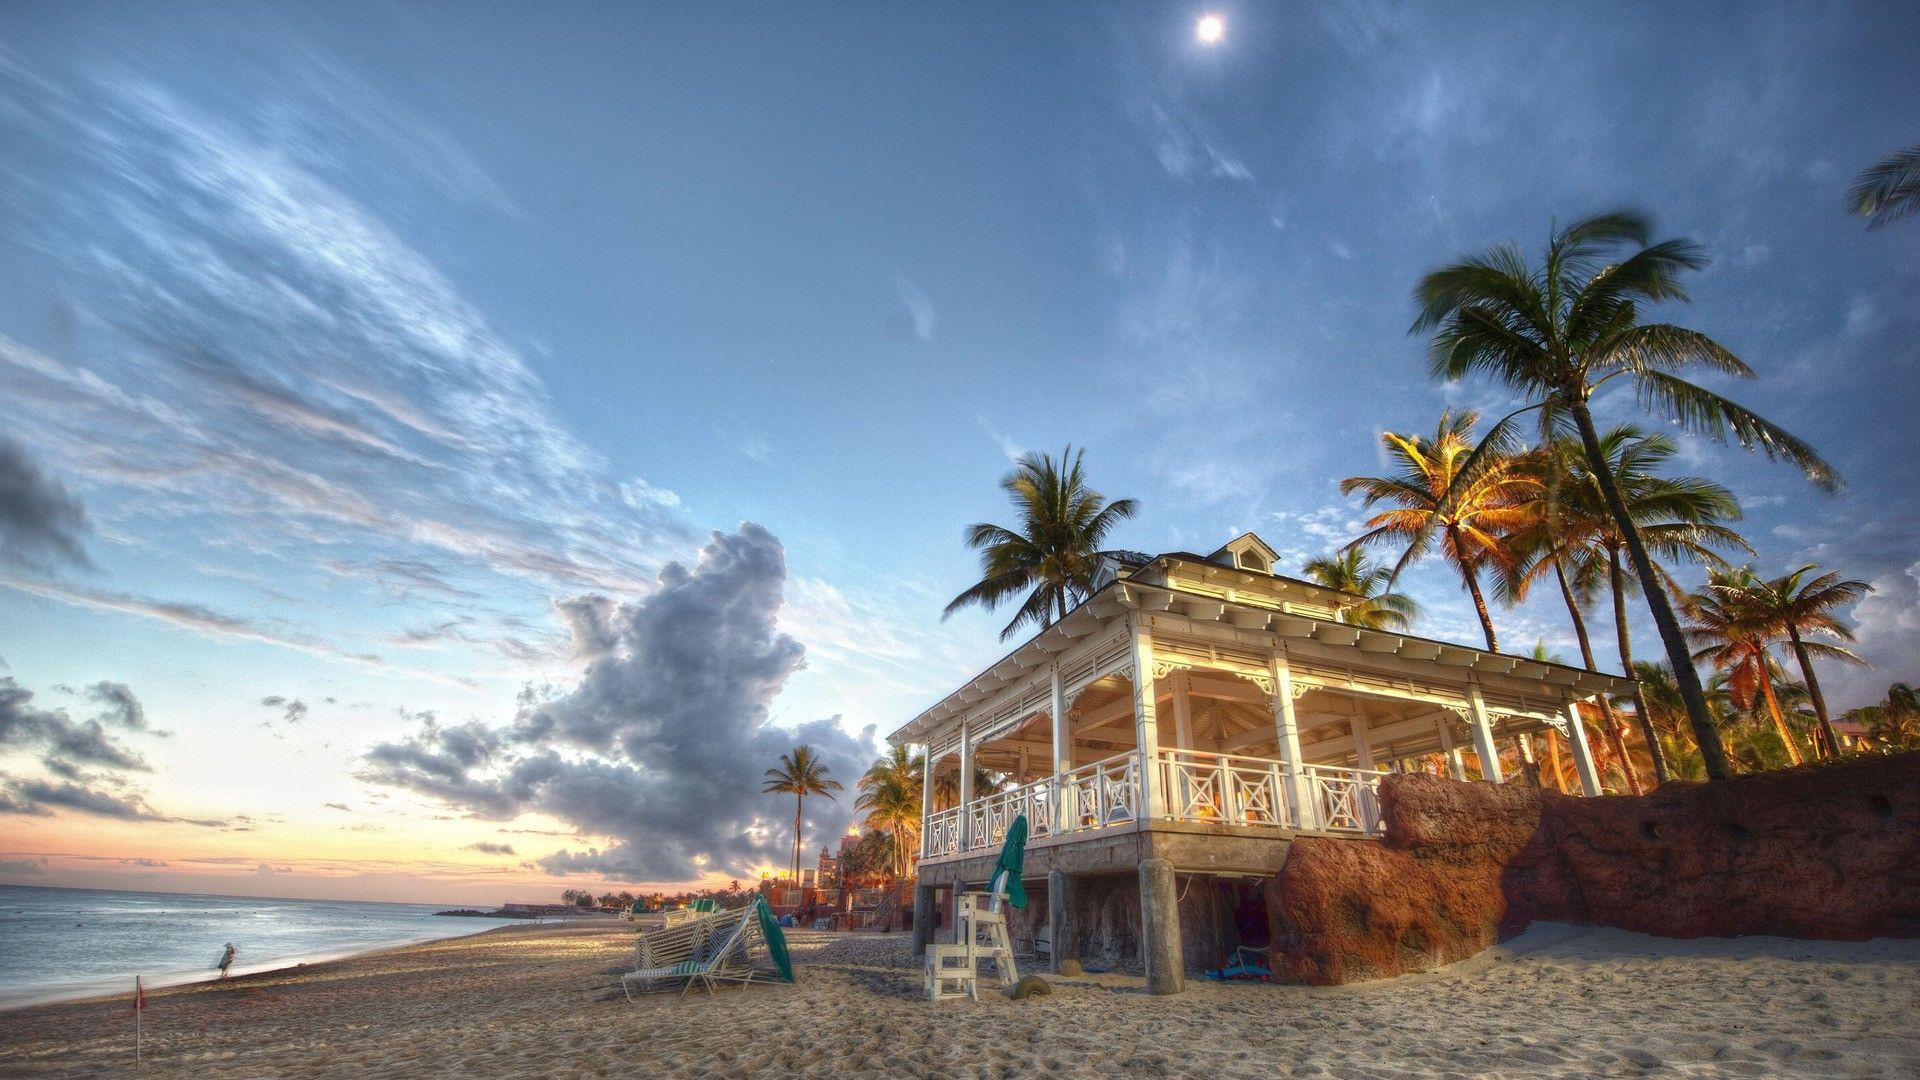 Bahamas free image